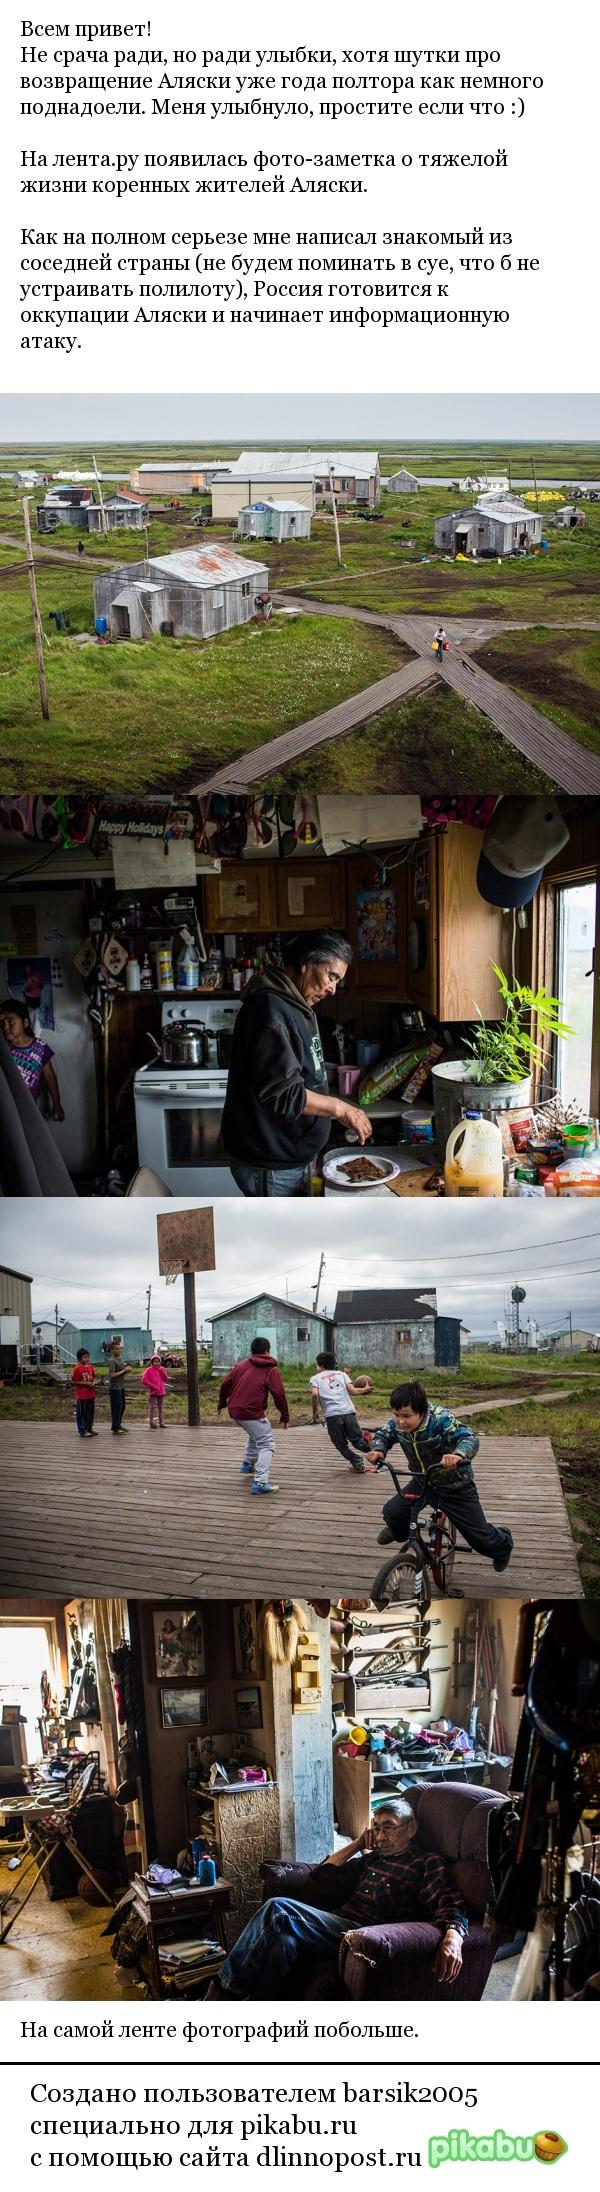 Тяжелая жизнь на Аляске аляска, Политика, зеленые человечки, бред, оккупация, длиннопост